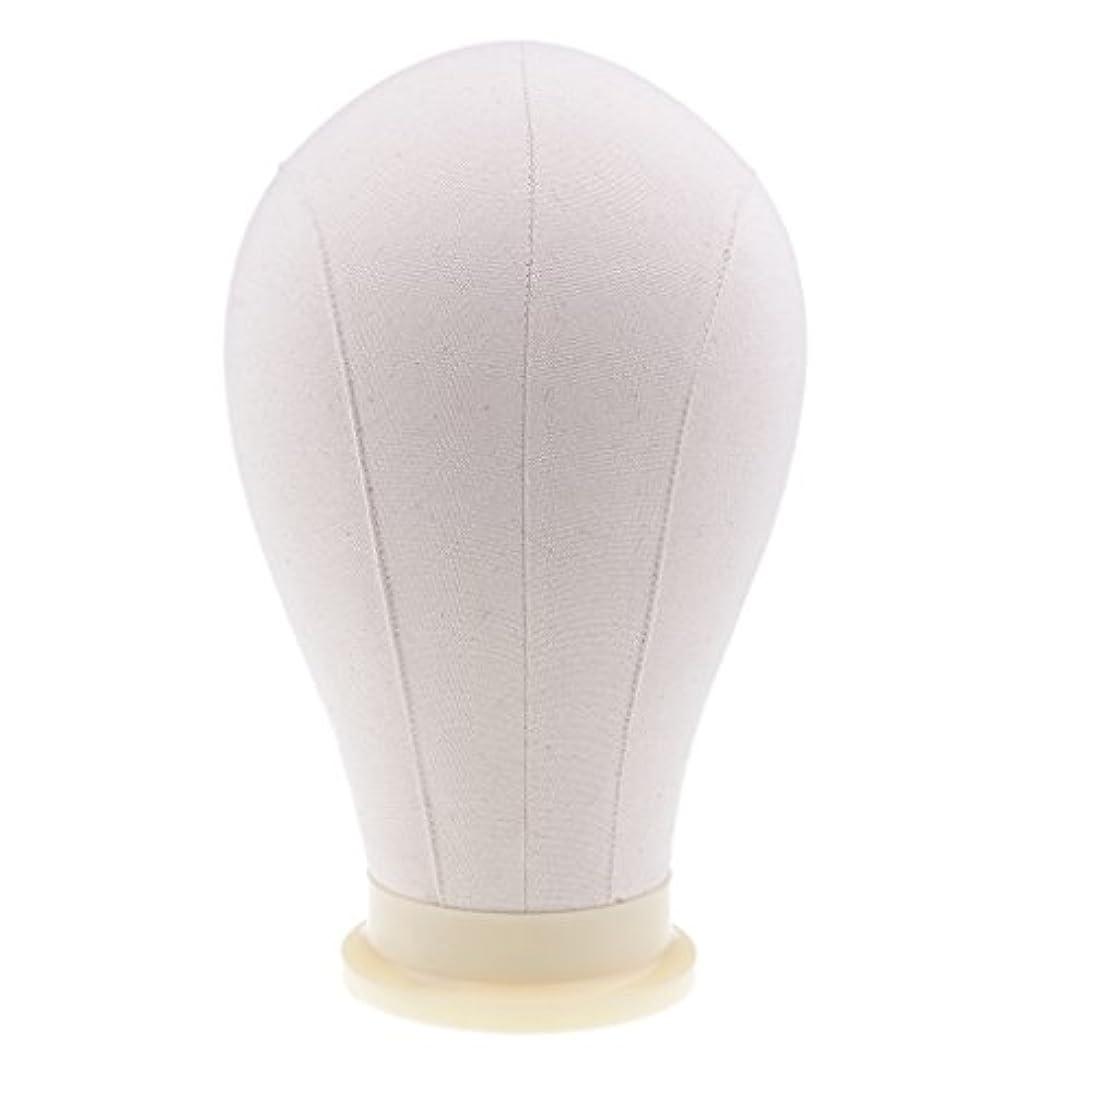 活力崇拝する宿マネキンヘッド ウィッグ キャンバス 頭部モデル かつら 帽子 メガネ ディスプレイ ホルダー 4サイズ - 24インチ